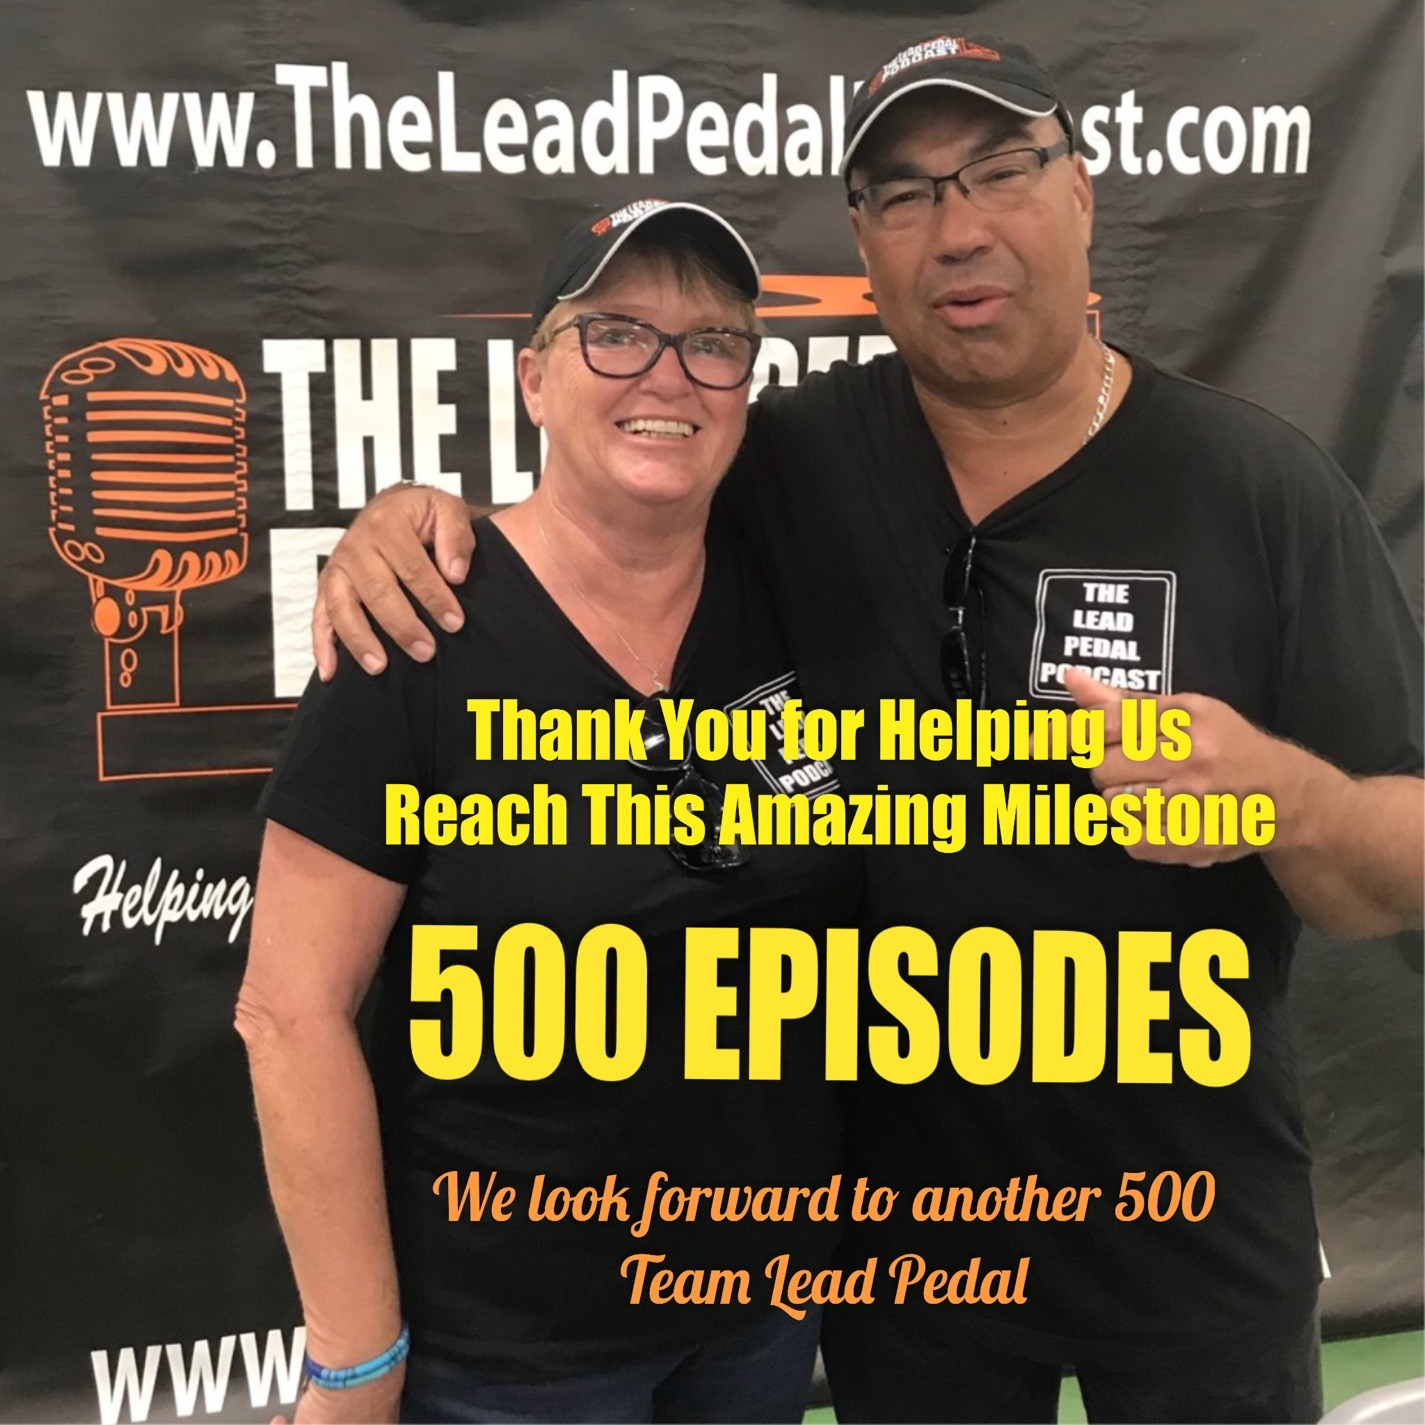 500 Episodes